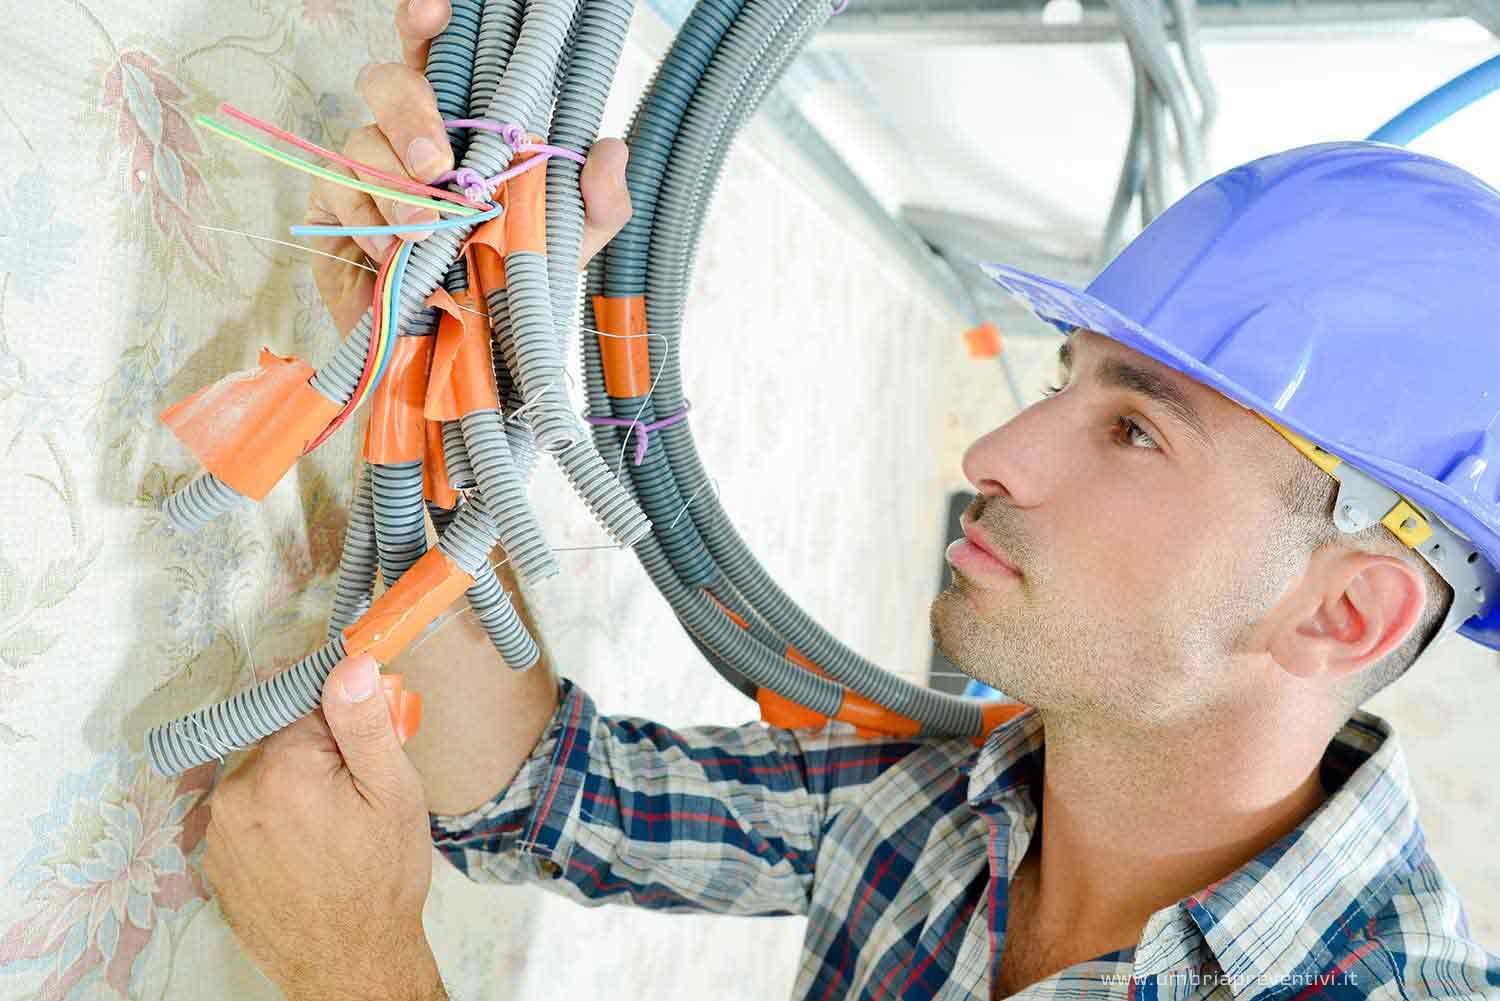 Umbria Preventivi Veloci ti aiuta a trovare un Elettricista a Arrone : chiedi preventivo gratis e scegli il migliore a cui affidare il lavoro ! Elettricista Arrone